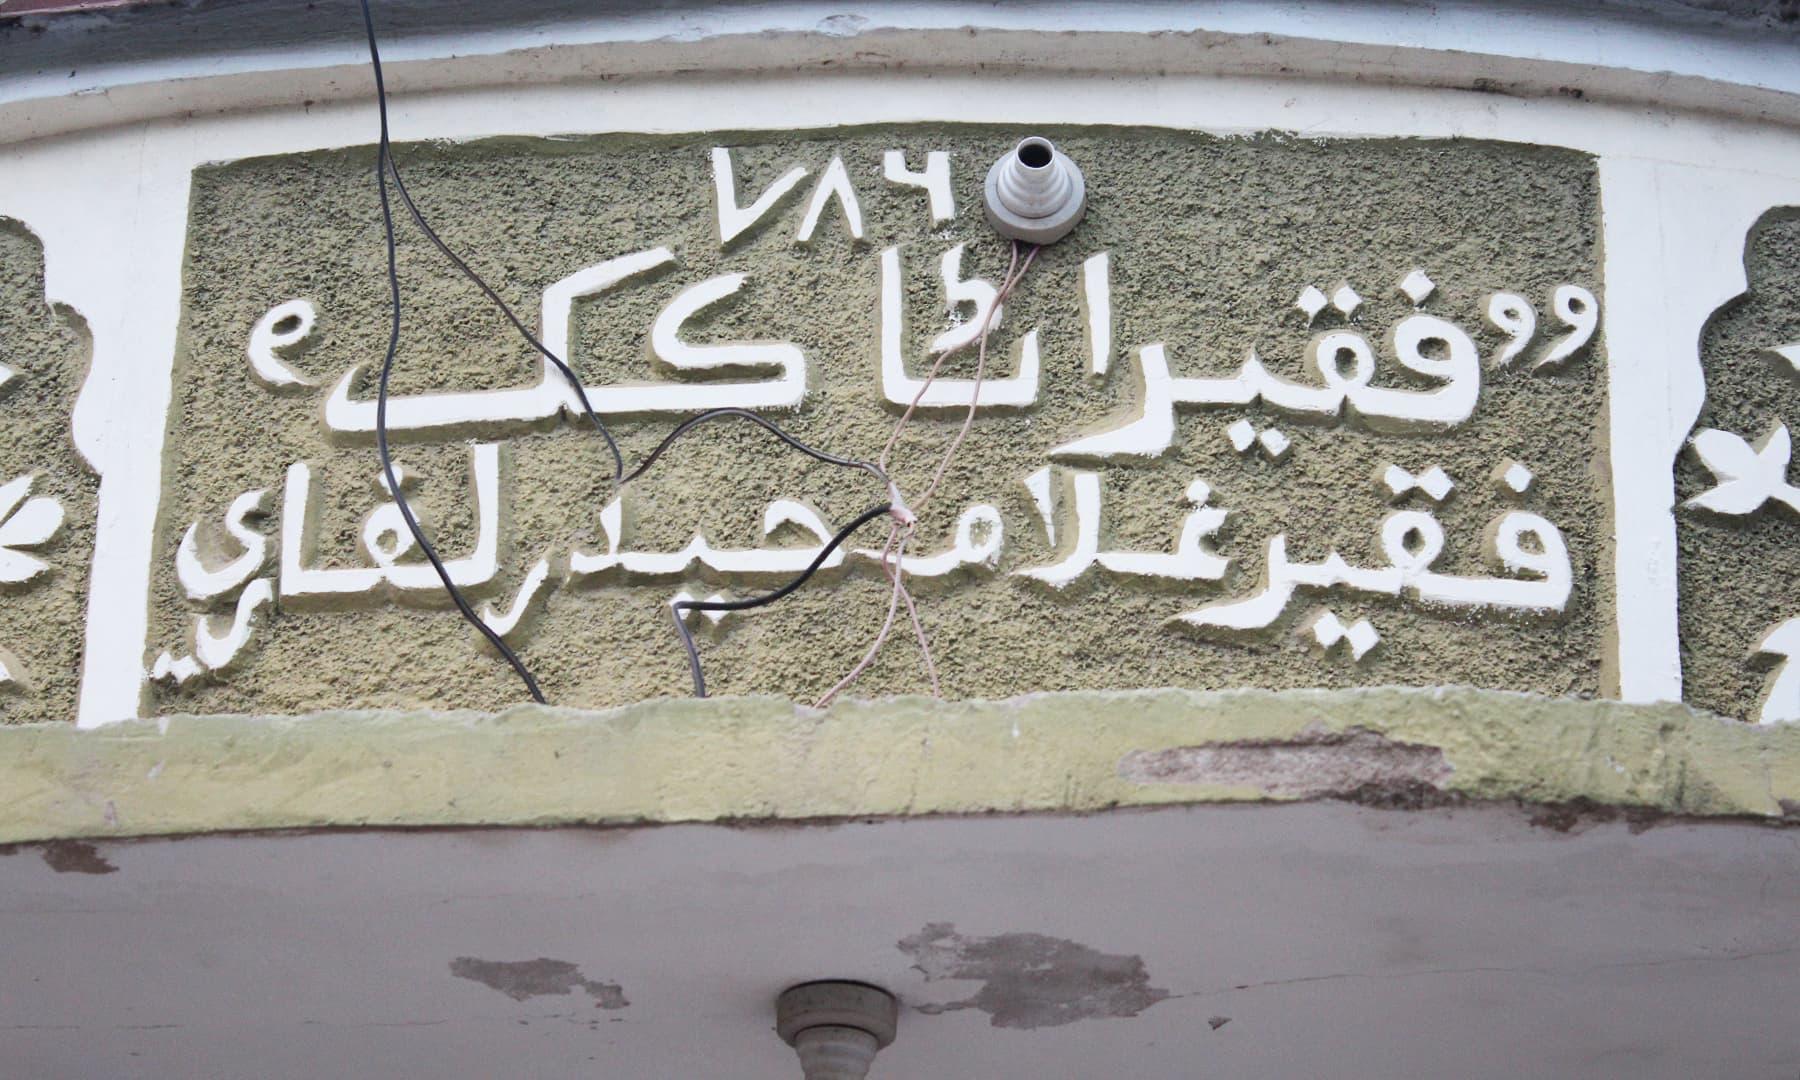 غلام حیدر کا مہمان خانہ—تصویر اختر حفیظ